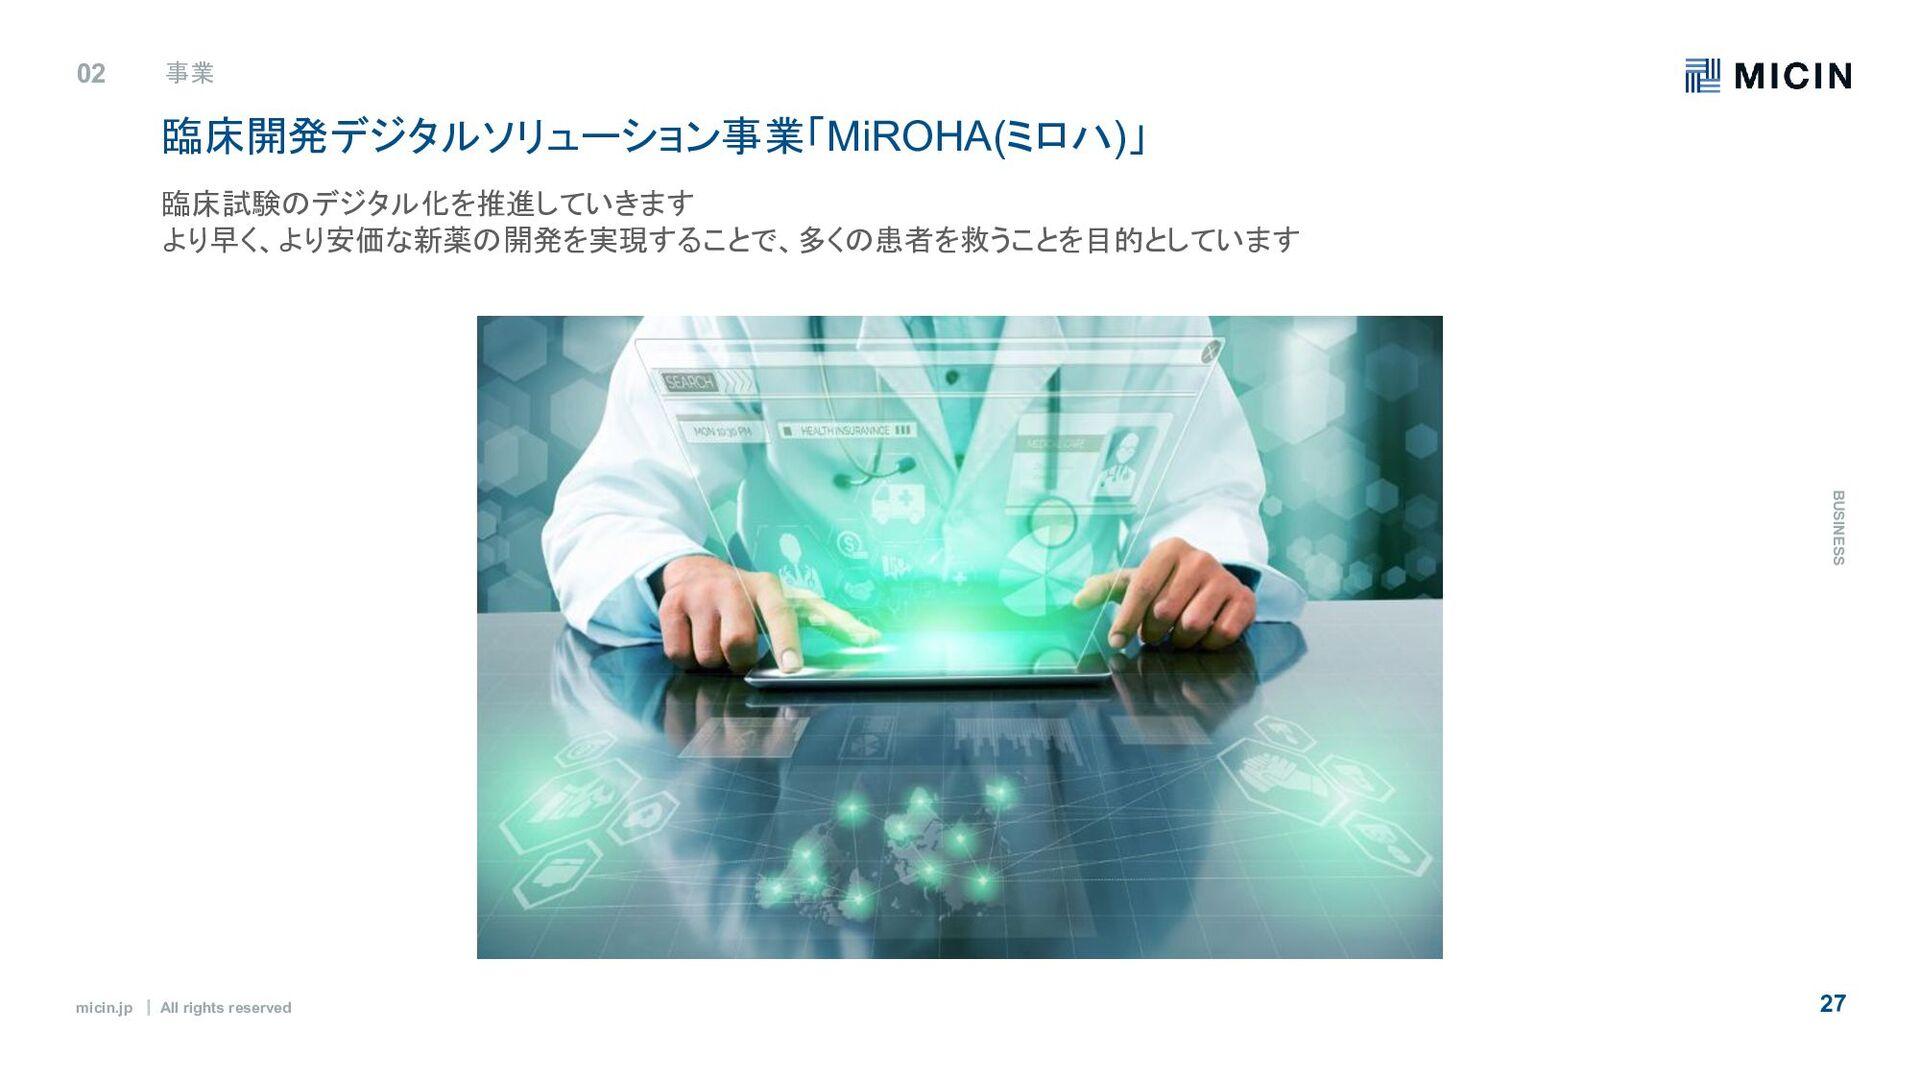 micin.jp ʛ All rights reserved 27 02 事業 B U S I...